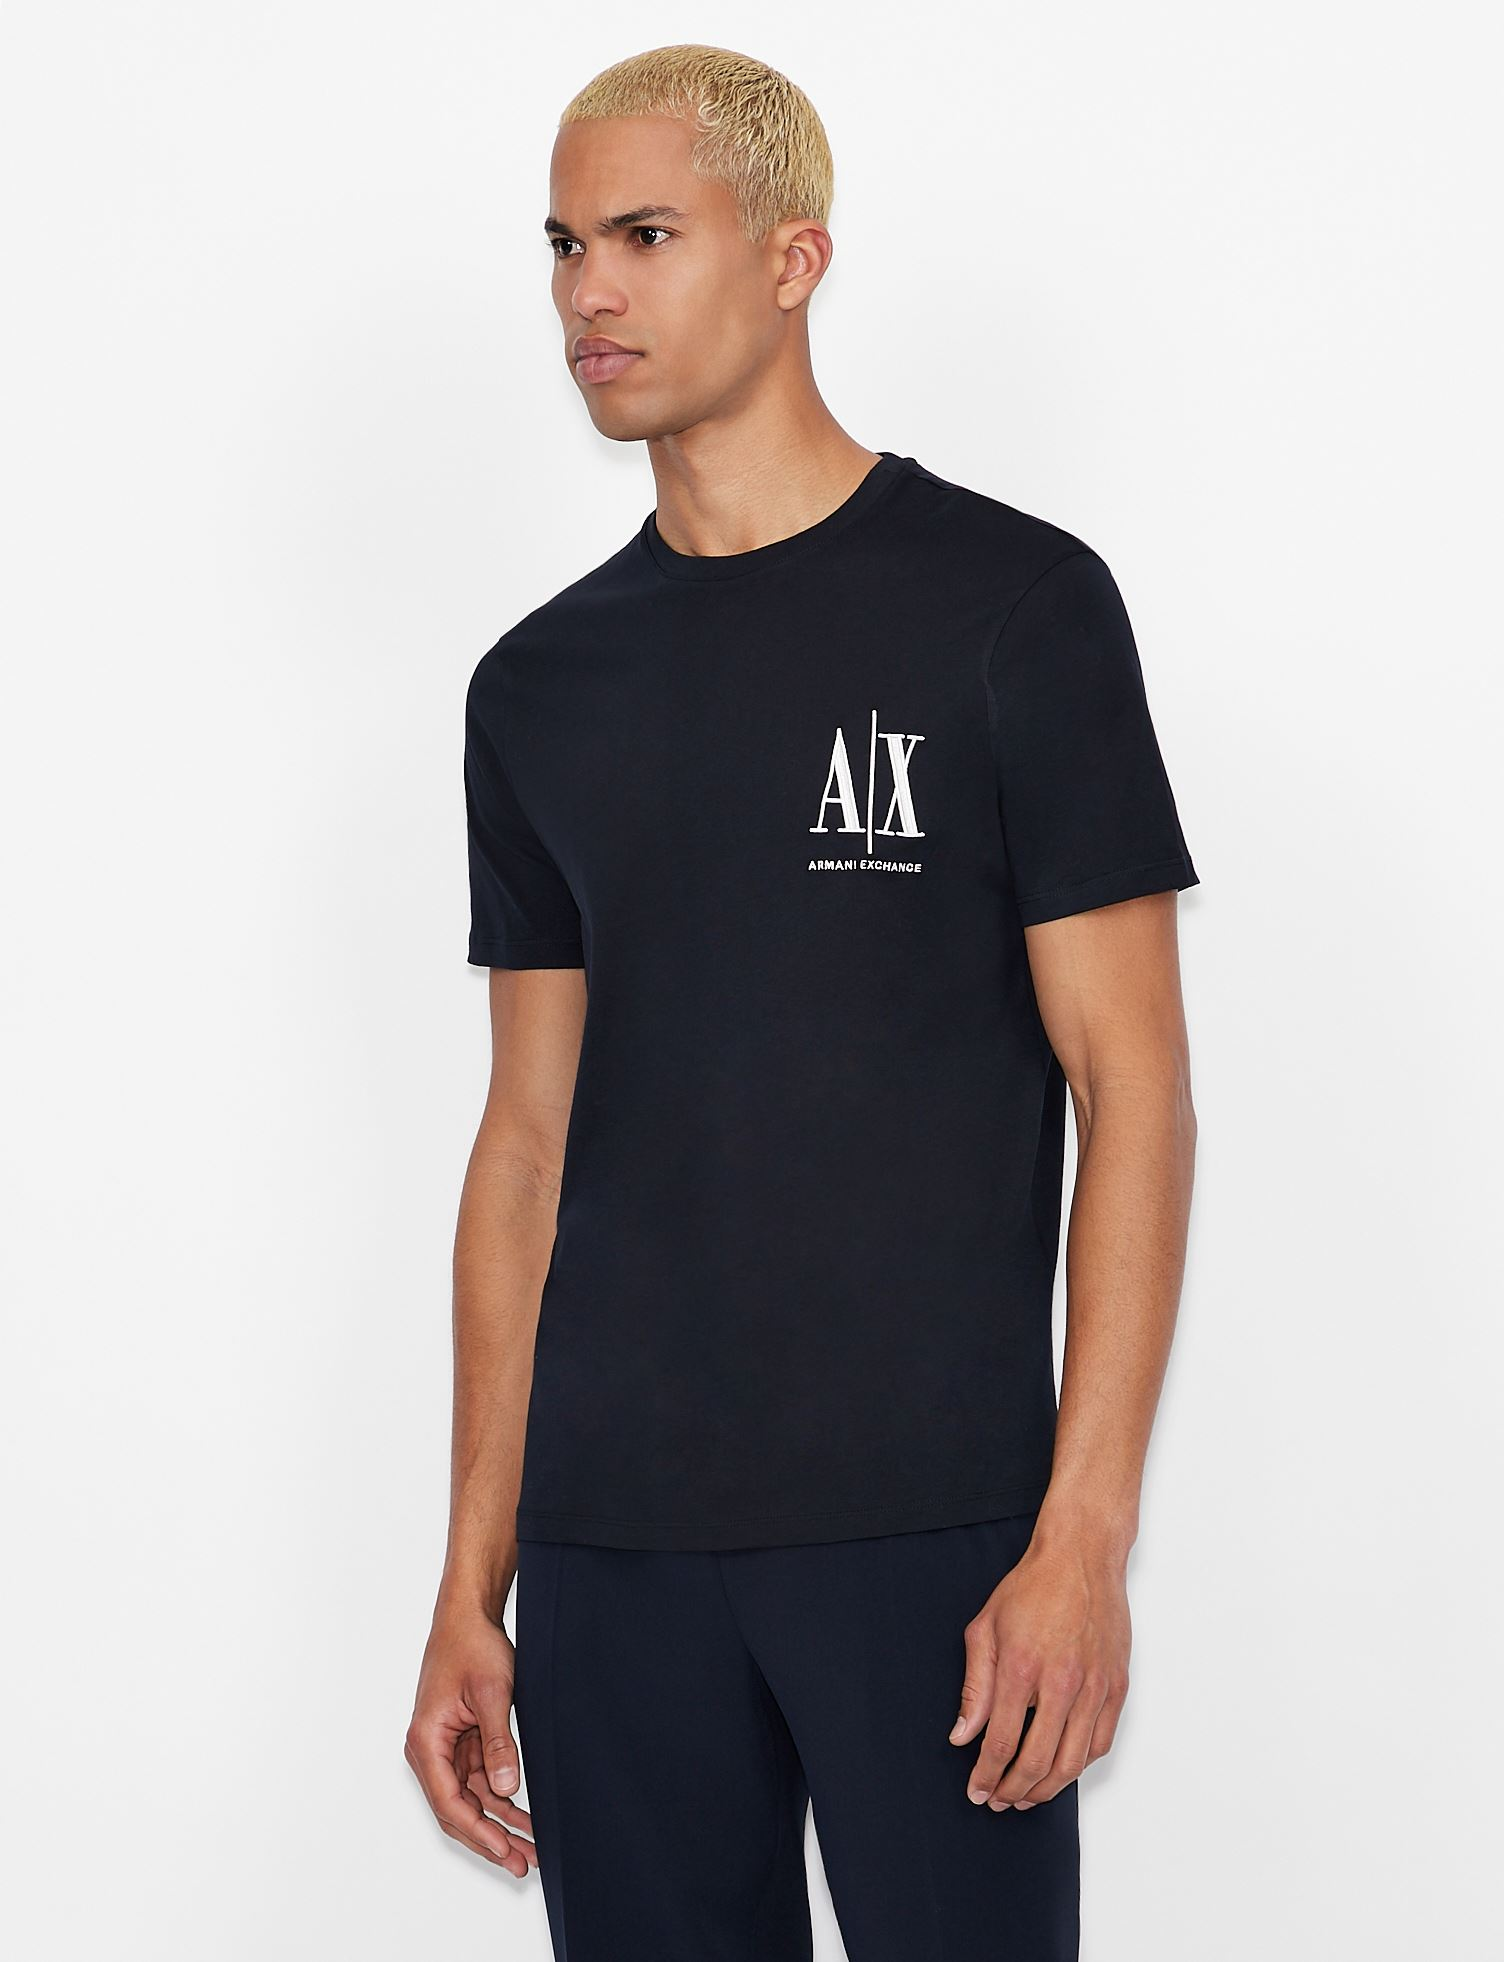 T-shirt Armani Exchange ARMANI EXCHANGE   T-shirt   8NZTPH-ZJH4Z1510